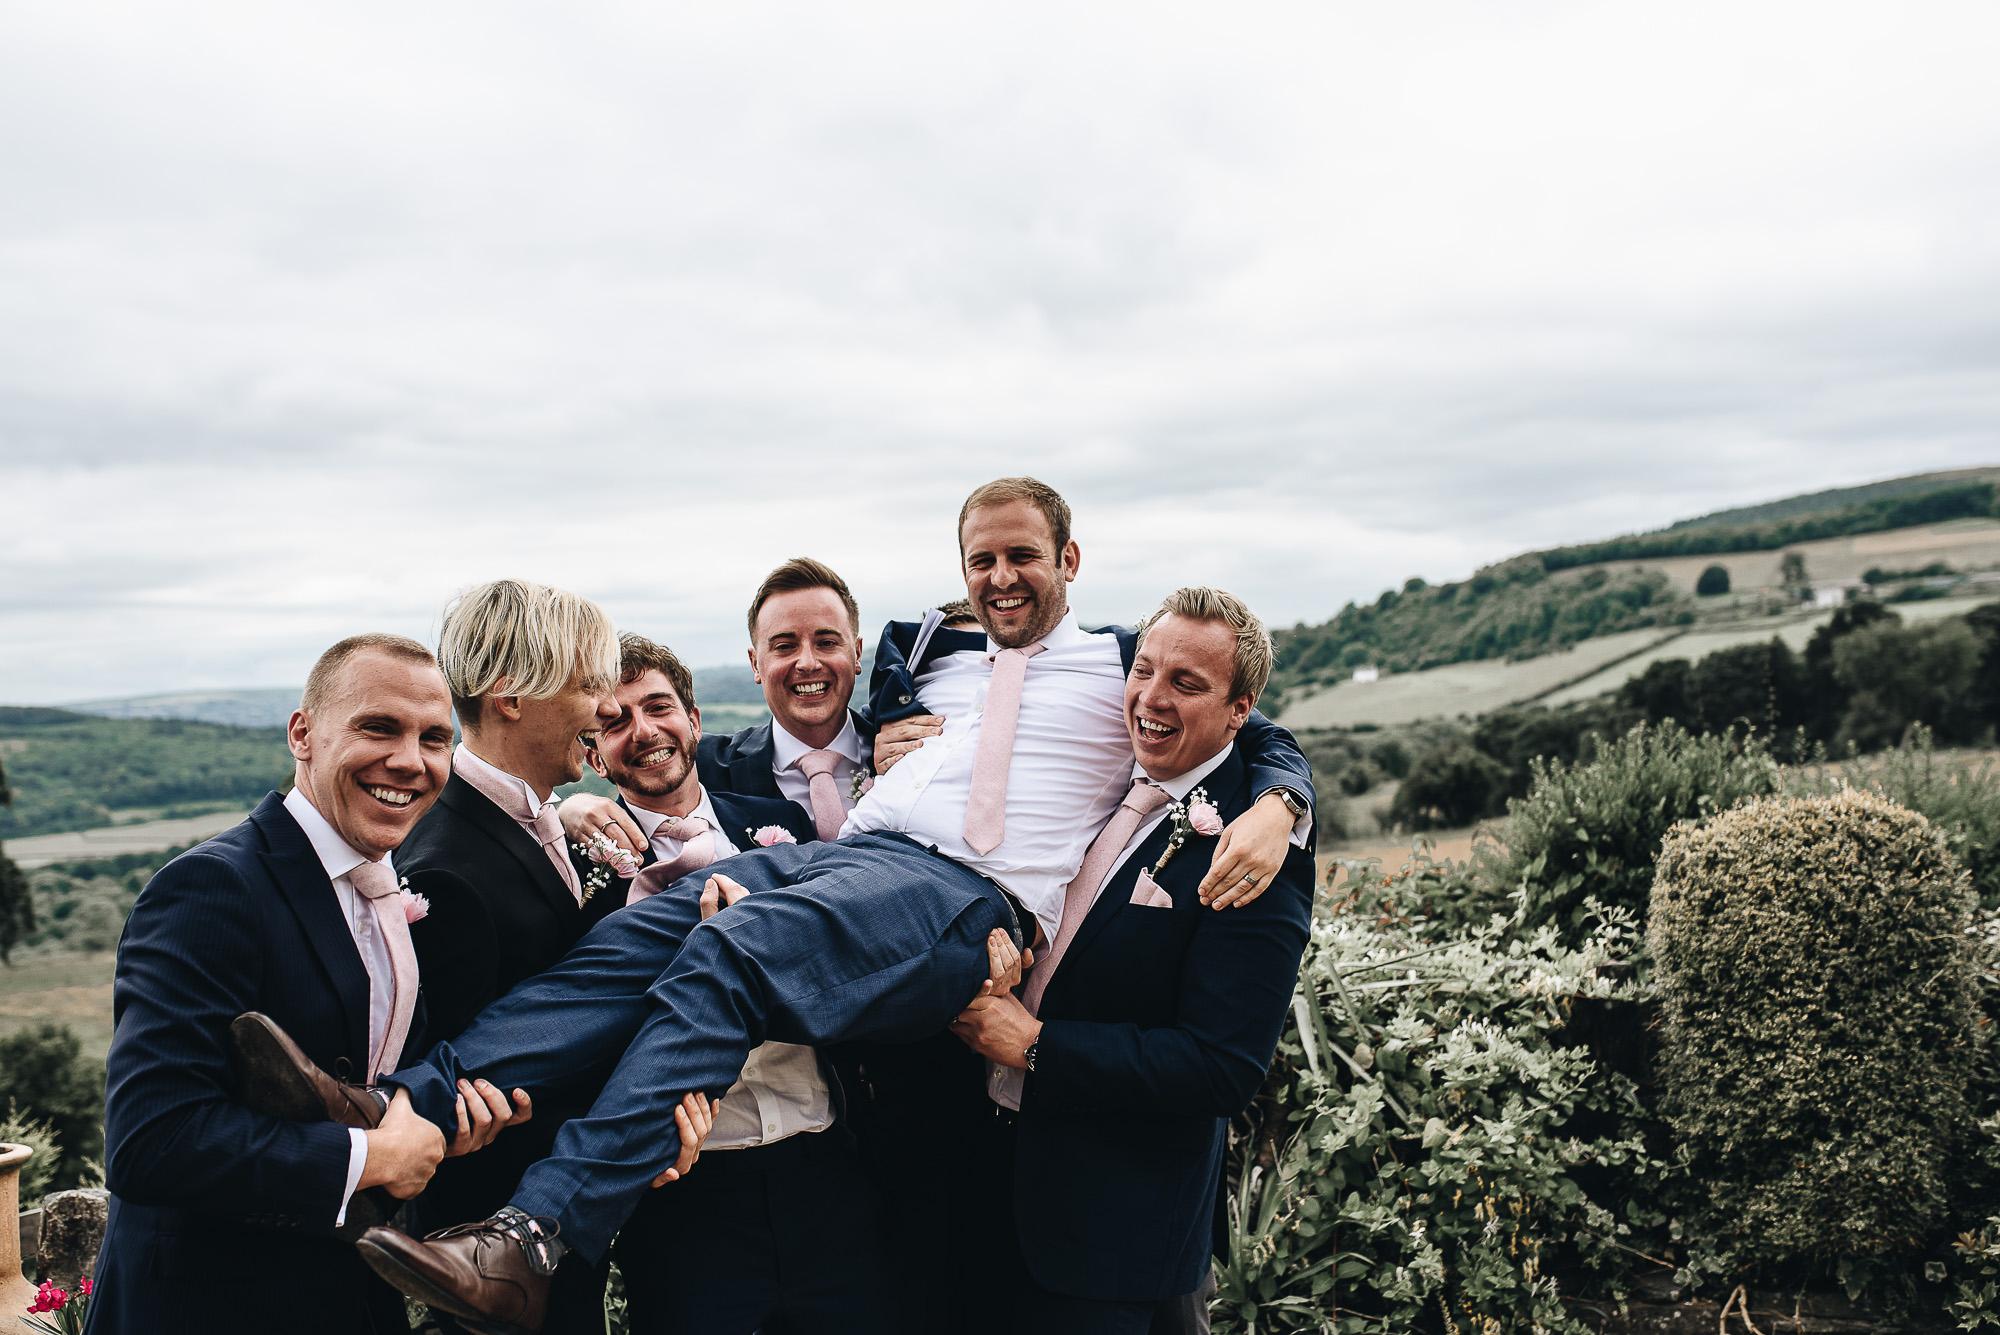 OurBeautifulAdventure-CardiffCastleWedding-Maddie&Joe-WeddingBlog-2337.jpg